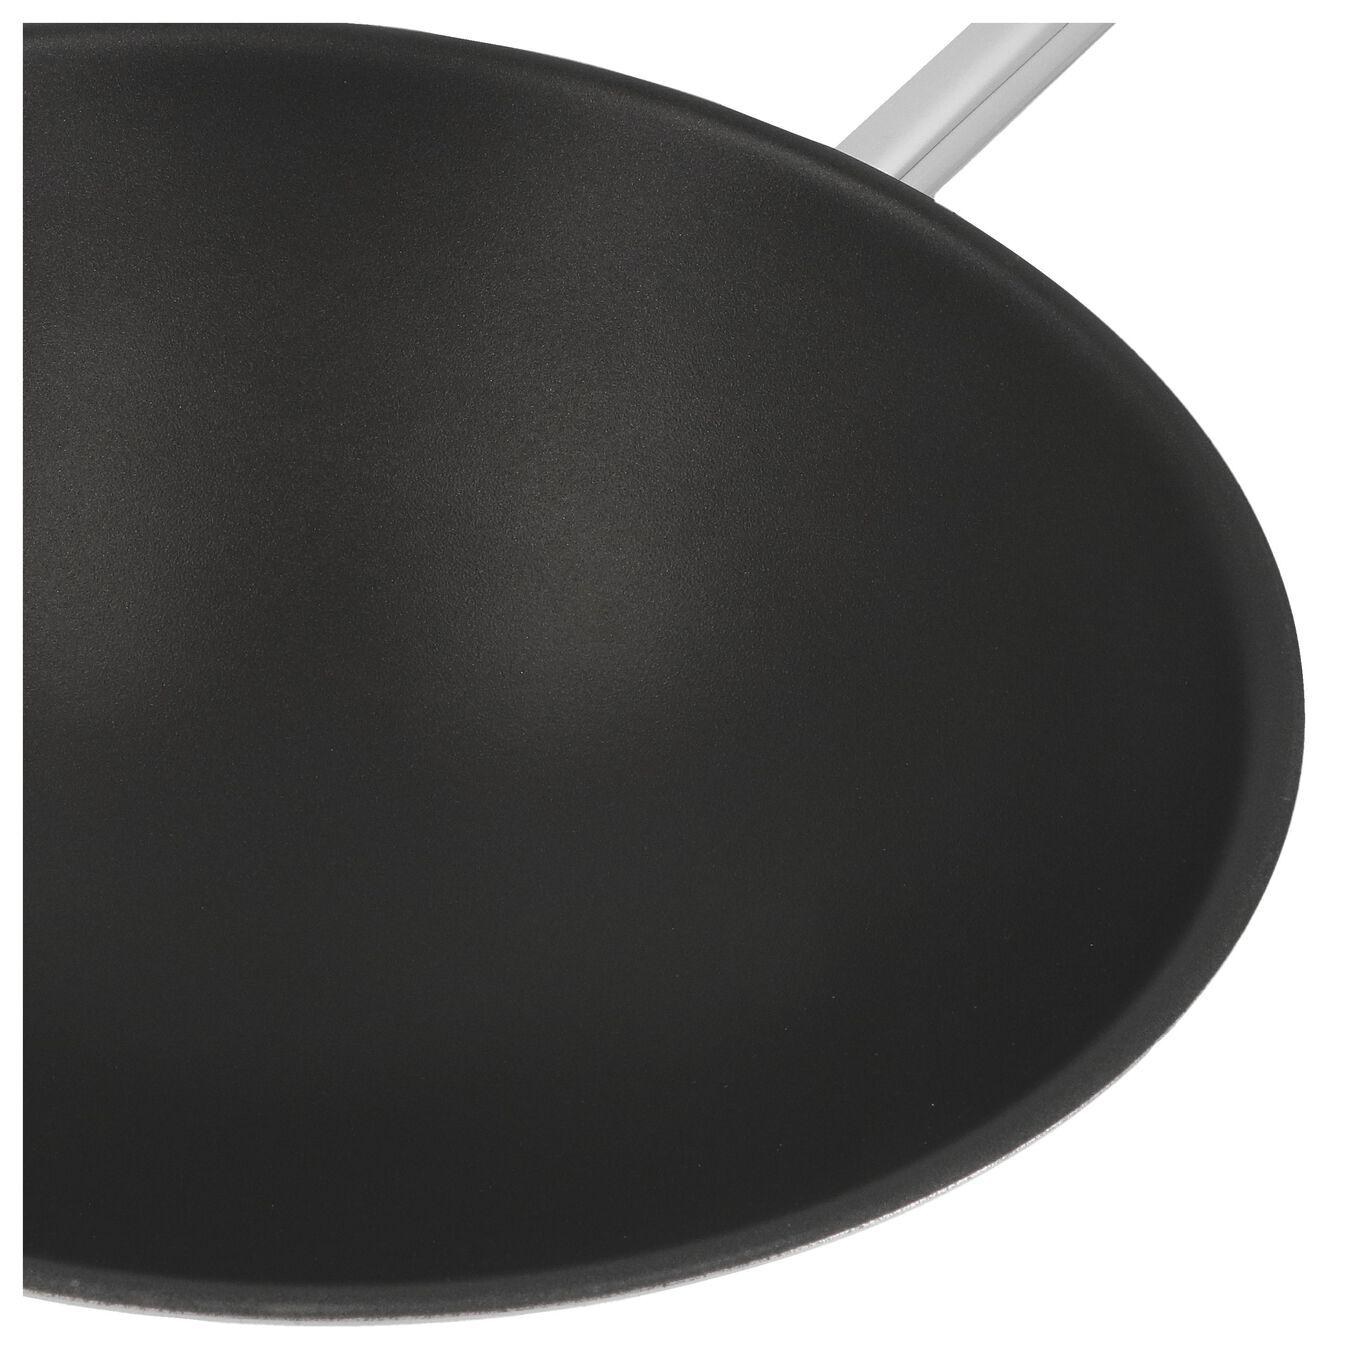 Wok fond rond 36 cm, Inox 18/10,,large 3